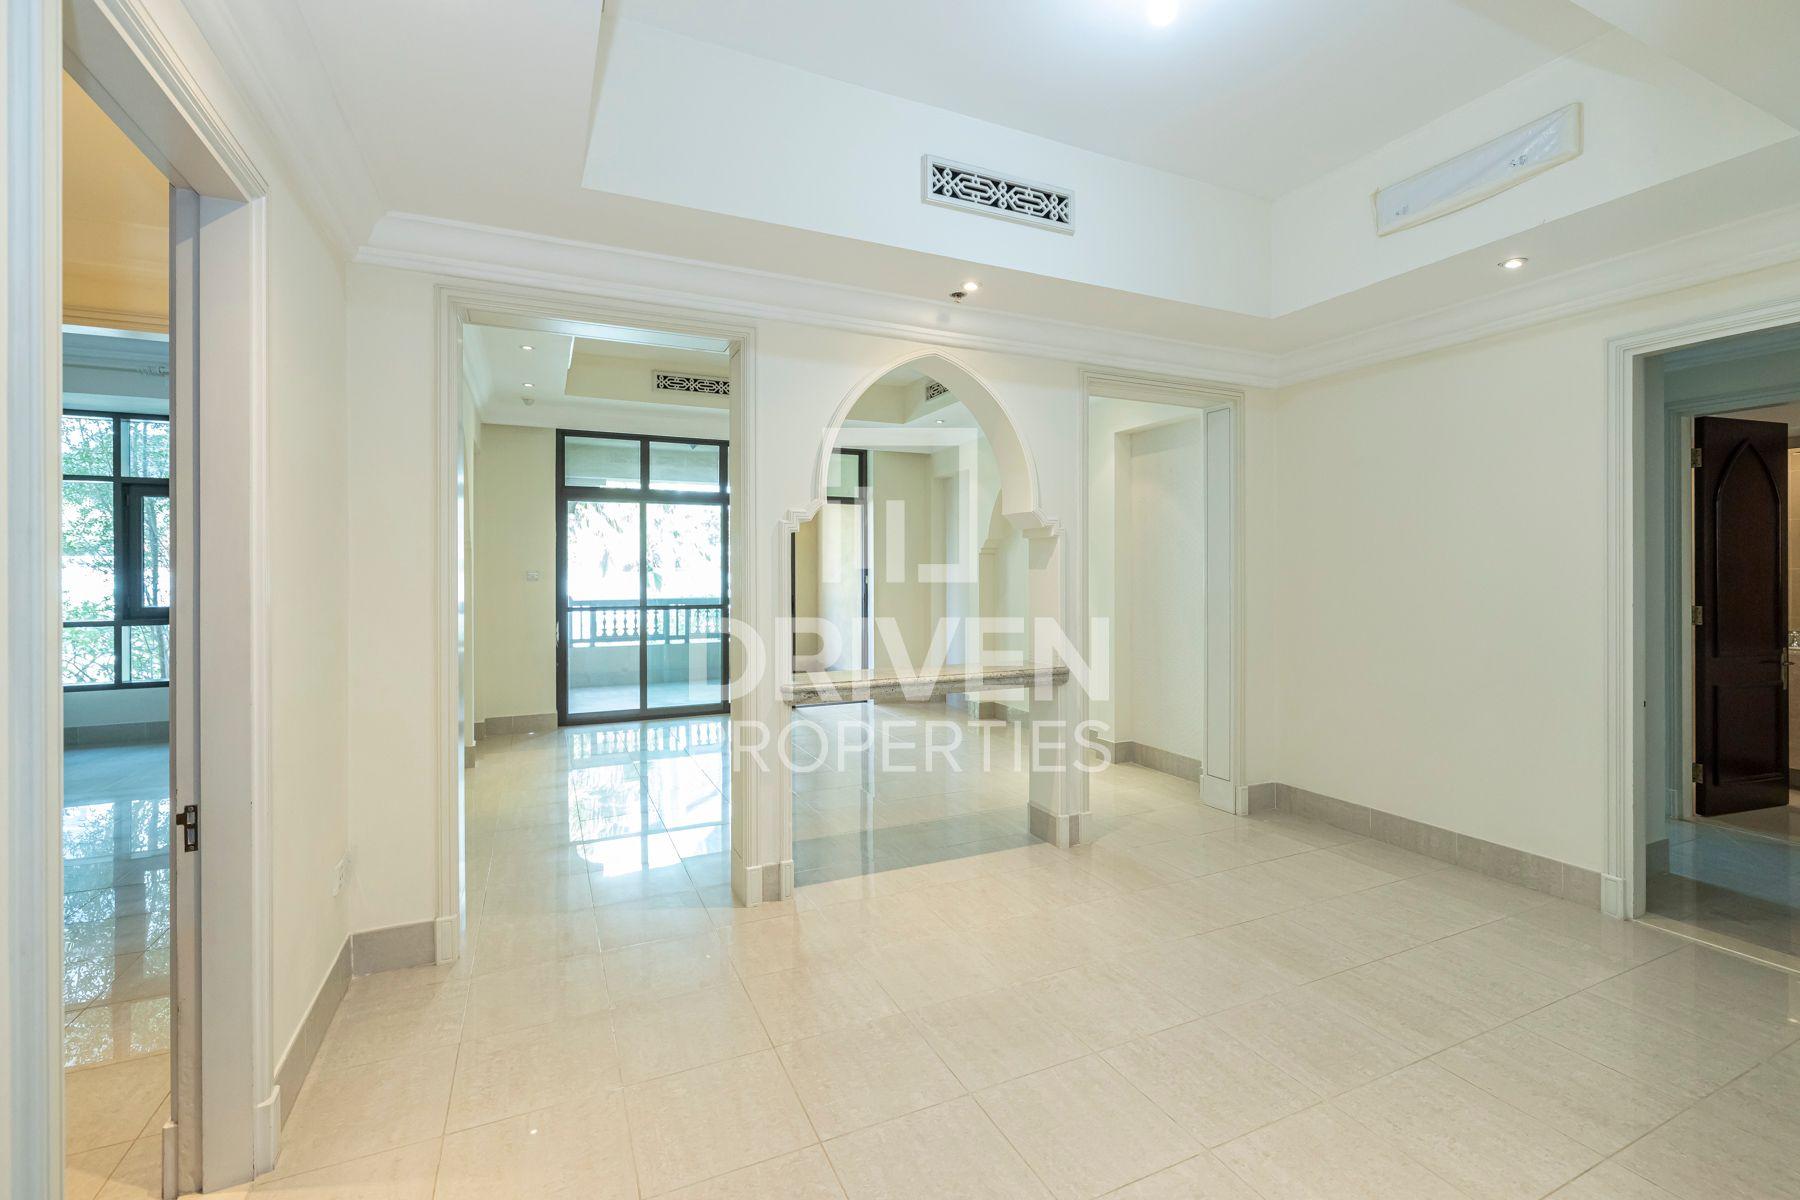 1,446 قدم مربع  شقة - للايجار - المدينة القديمة